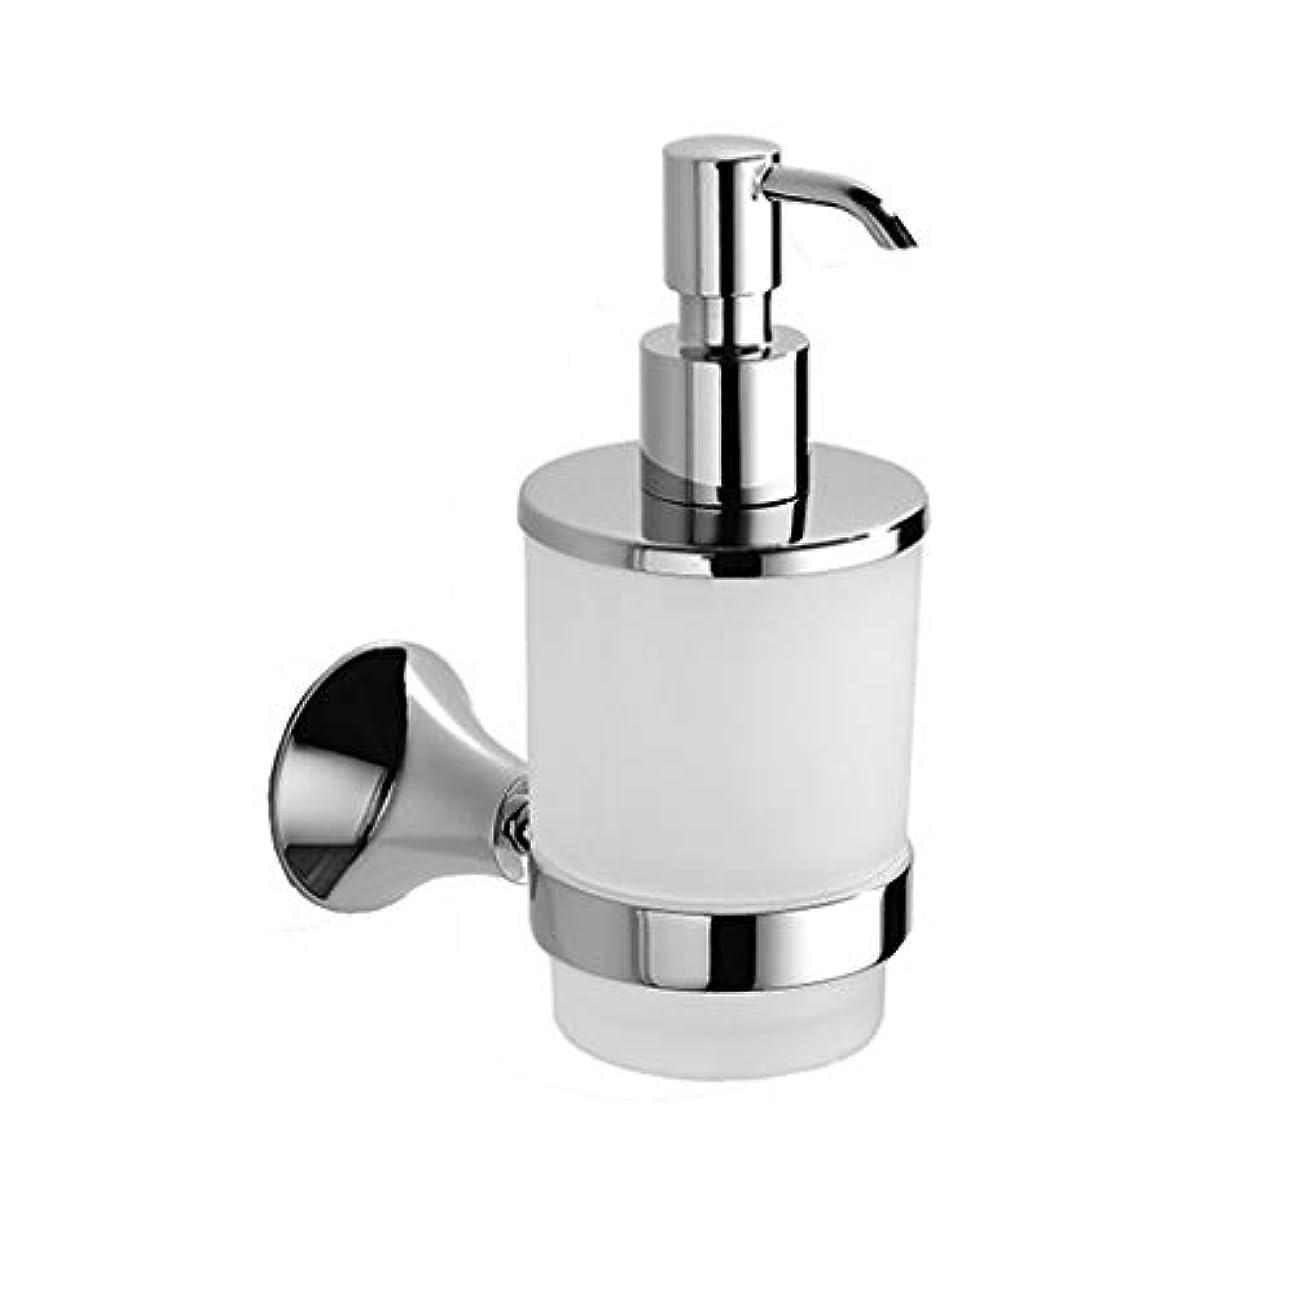 栄光ポインタシリングKylinssh 台所の流し、ステンレス鋼、商業用等級の液体皿ディスペンサーポンプのための石鹸ディスペンサー、設計300mlで造られて